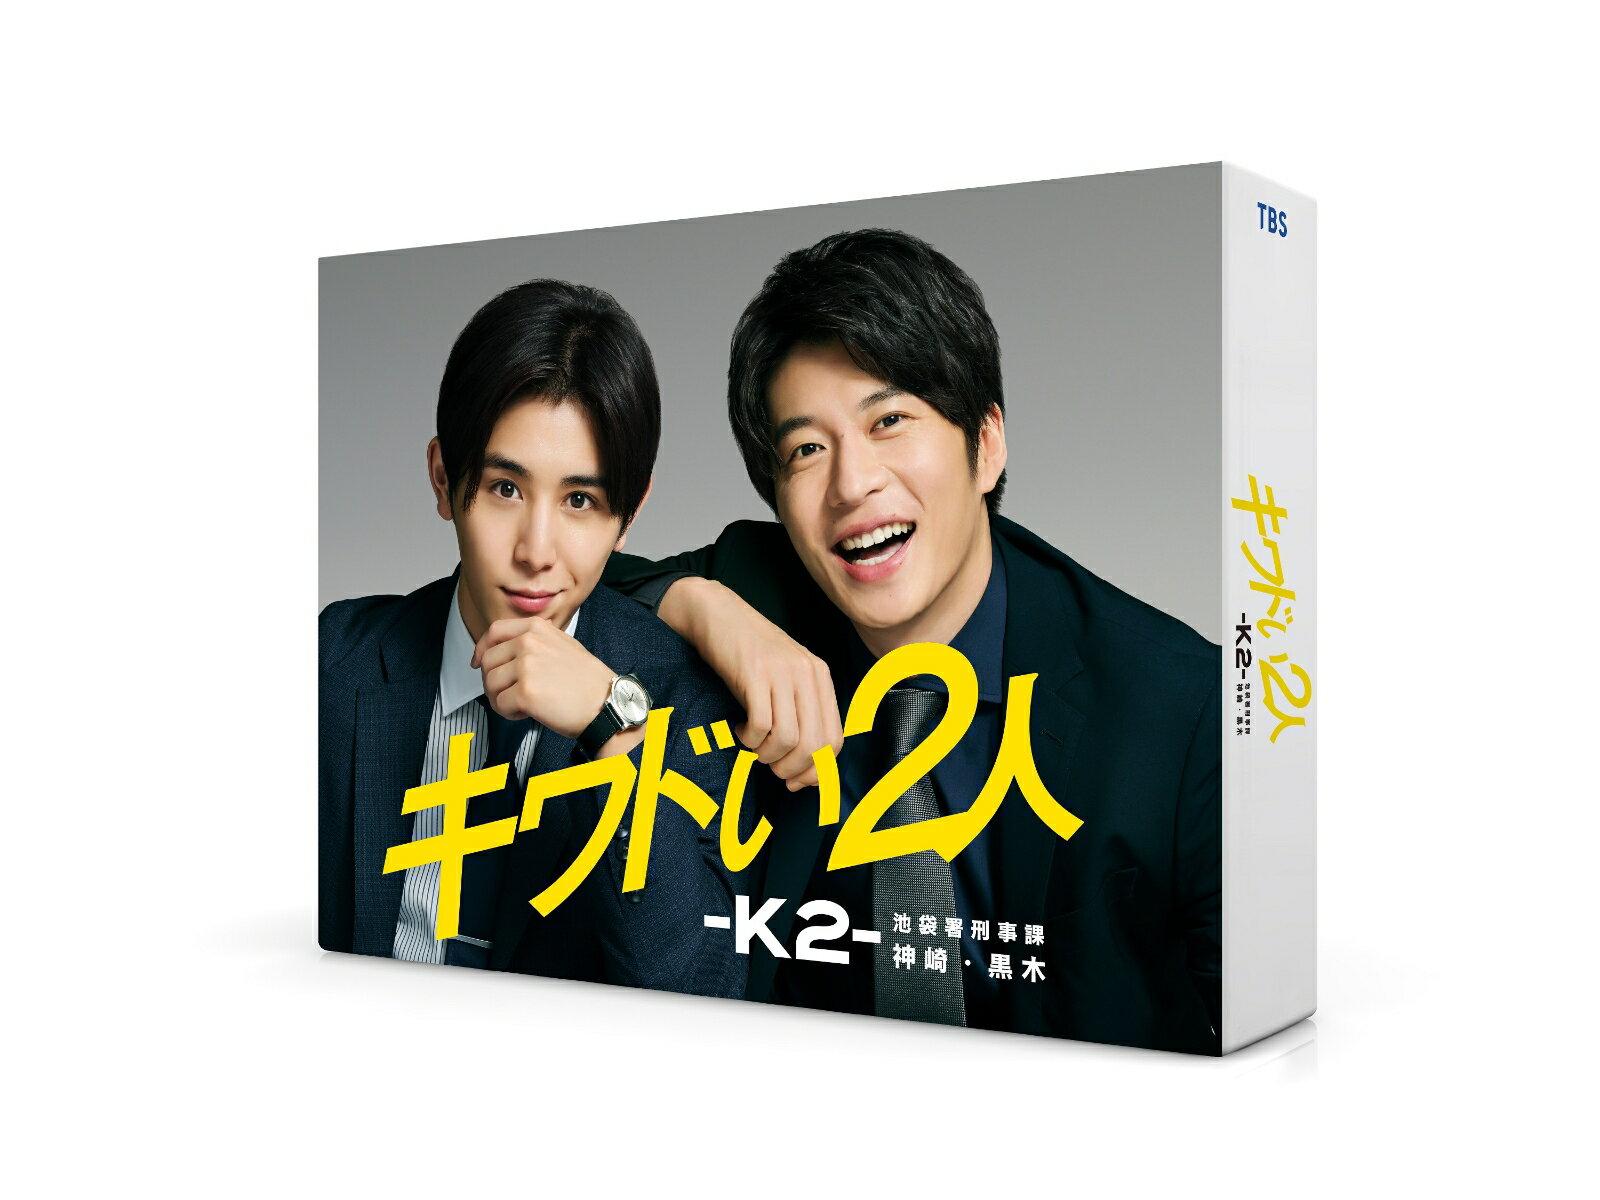 キワドい2人ーK2-池袋署刑事課神崎・黒木 Blu-ray BOX【Blu-ray】